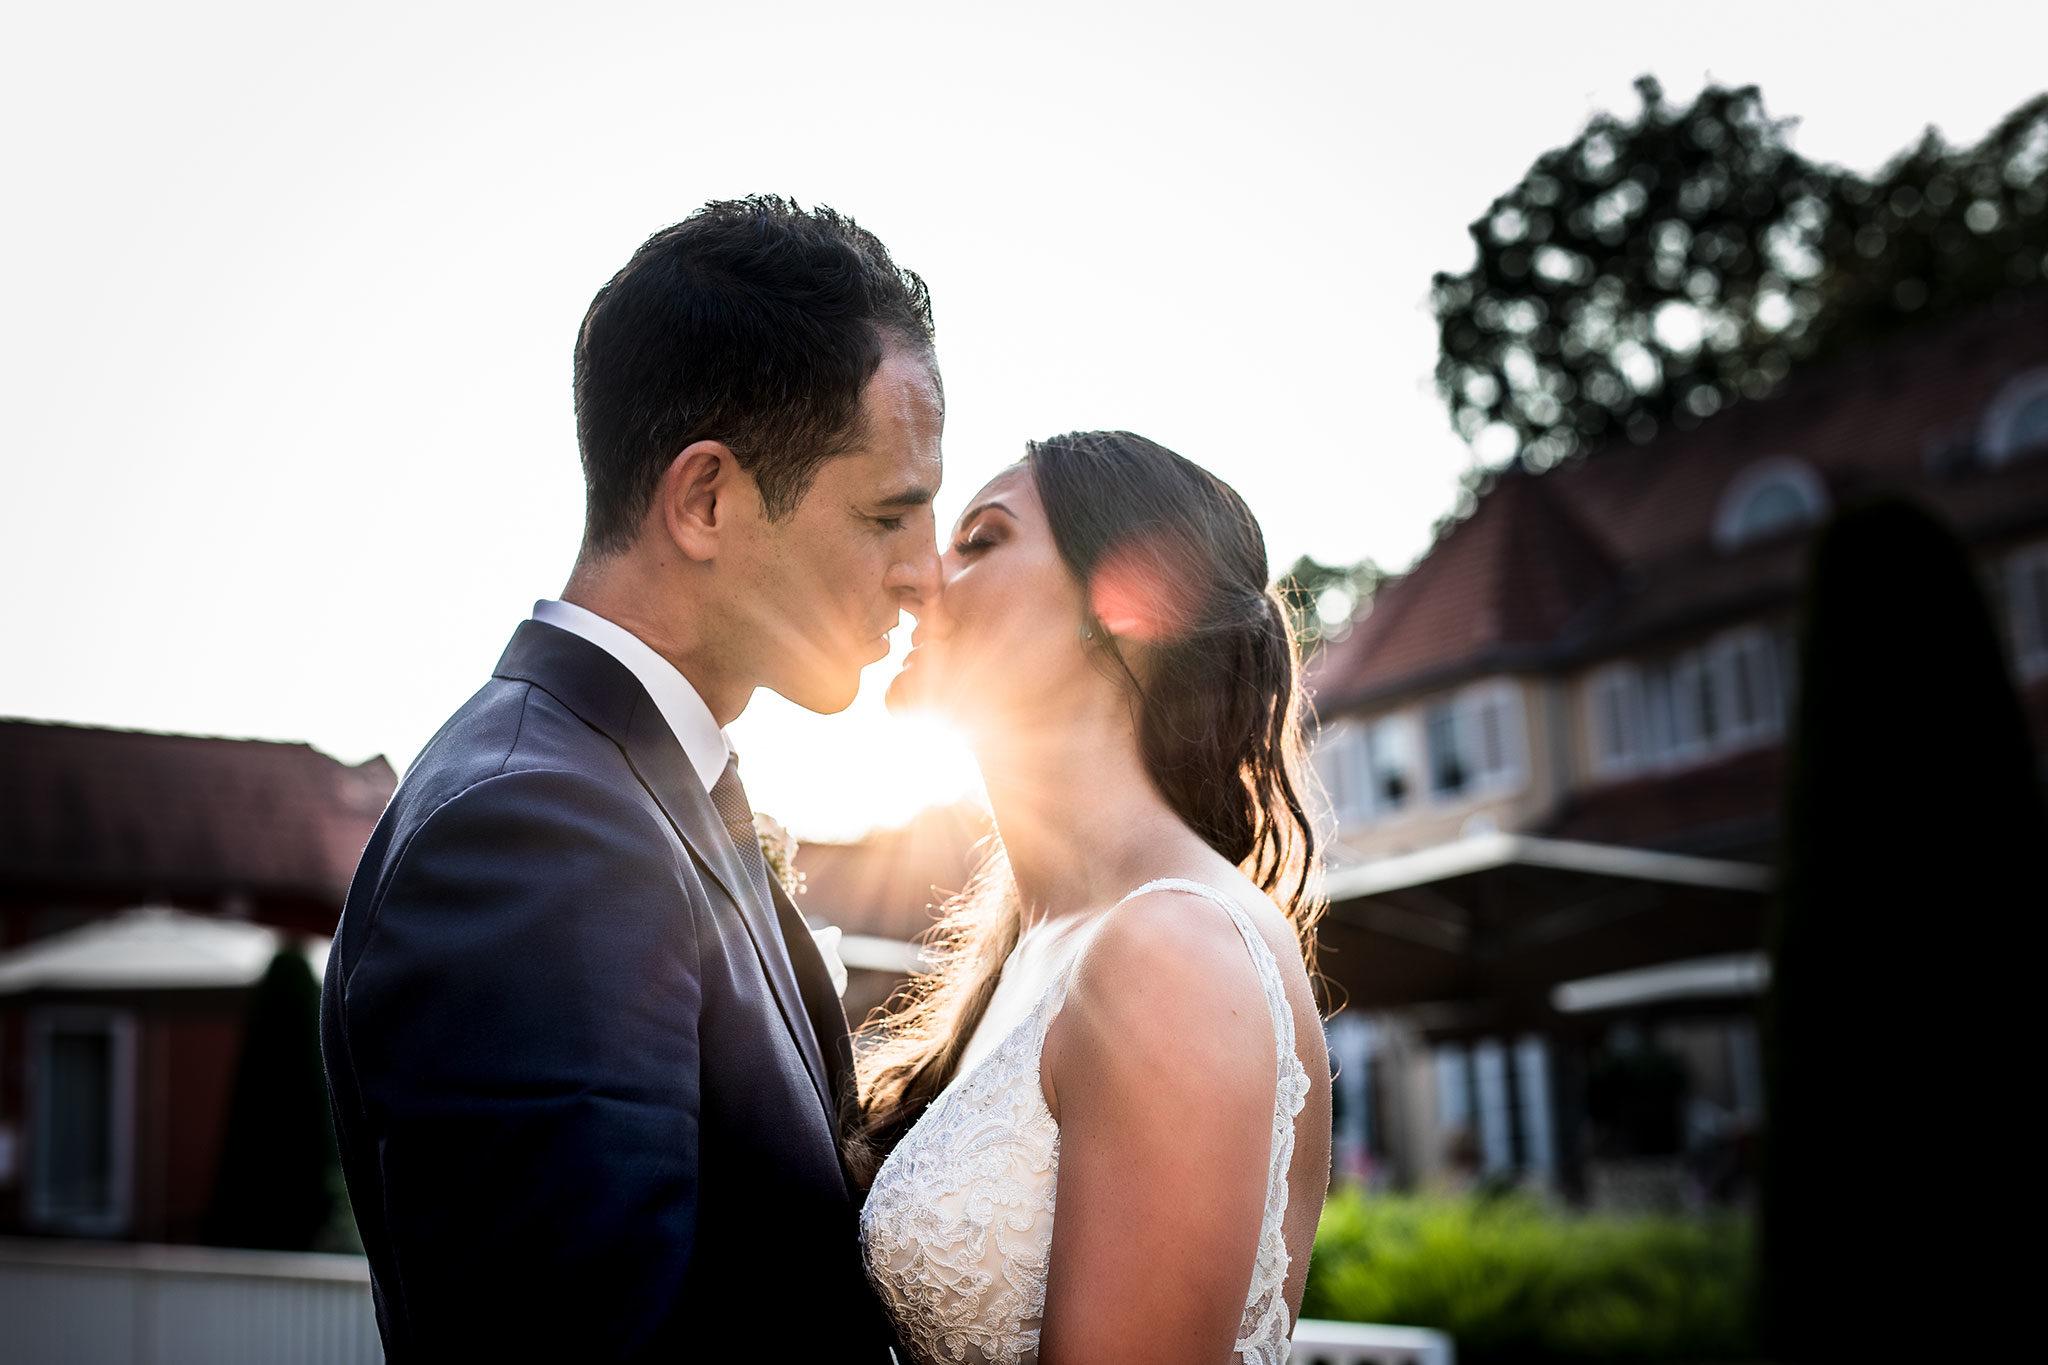 Portfolio, Braut Portraits, Brautpaar, Bilder, Ernst Merkhofer, Fotograf, Hochzeit, Brautpaar Bilder, Brautportraits, Brautstrauss, Hochzeiten, Wedding, Weddings, Love